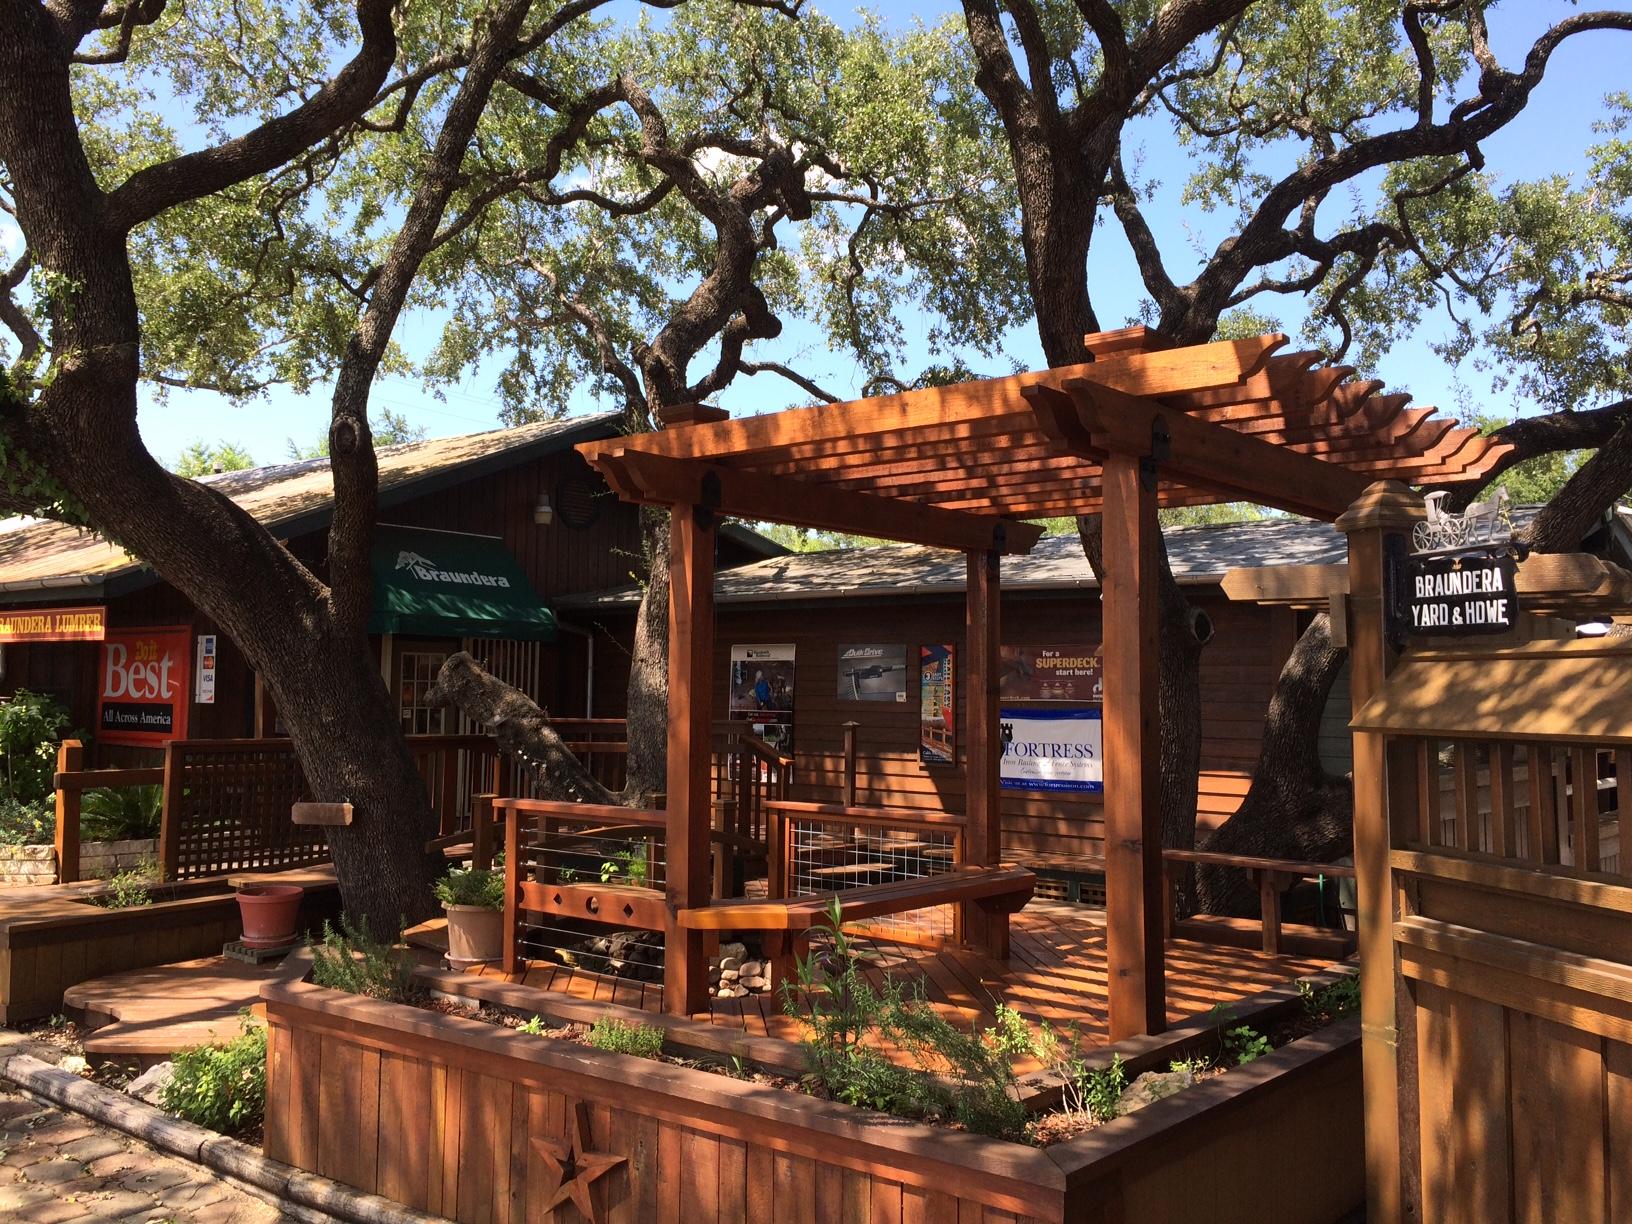 Lumber Yards San Antonio South Texas Braundera Yard